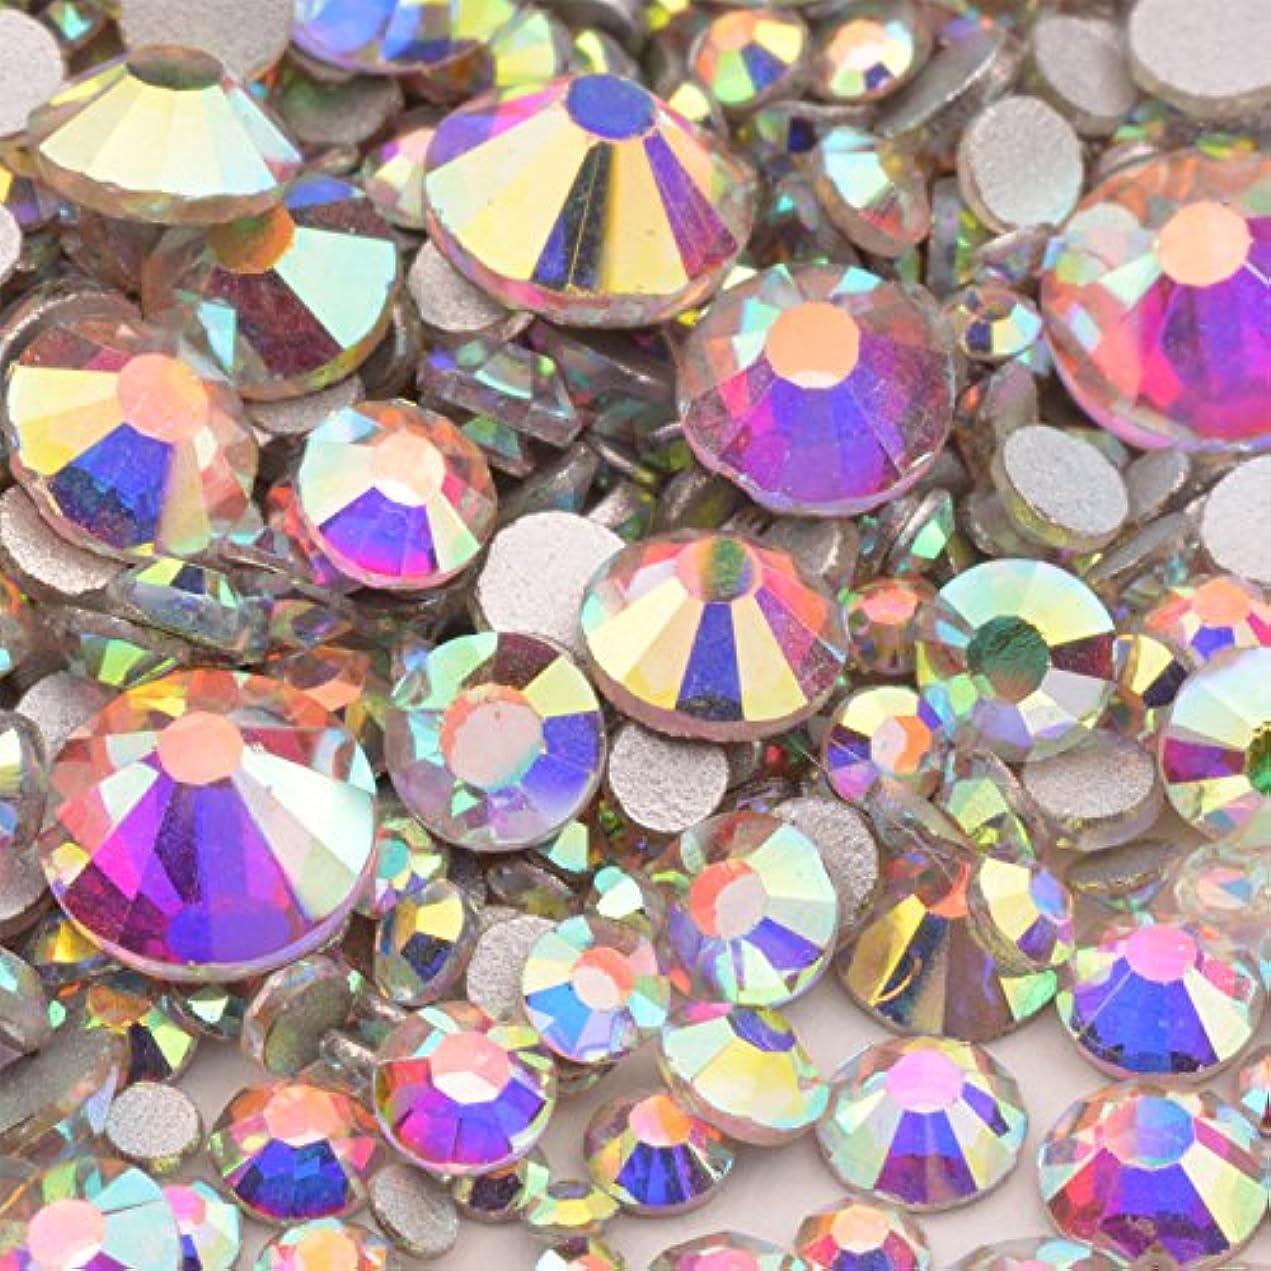 チャレンジ革命楽しい高品質ガラスストーン mixサイズ SS20 SS16 SS12 SS10 SS8 SS6 SS4 SS3 (入数1000粒以上) (オーロラmix)